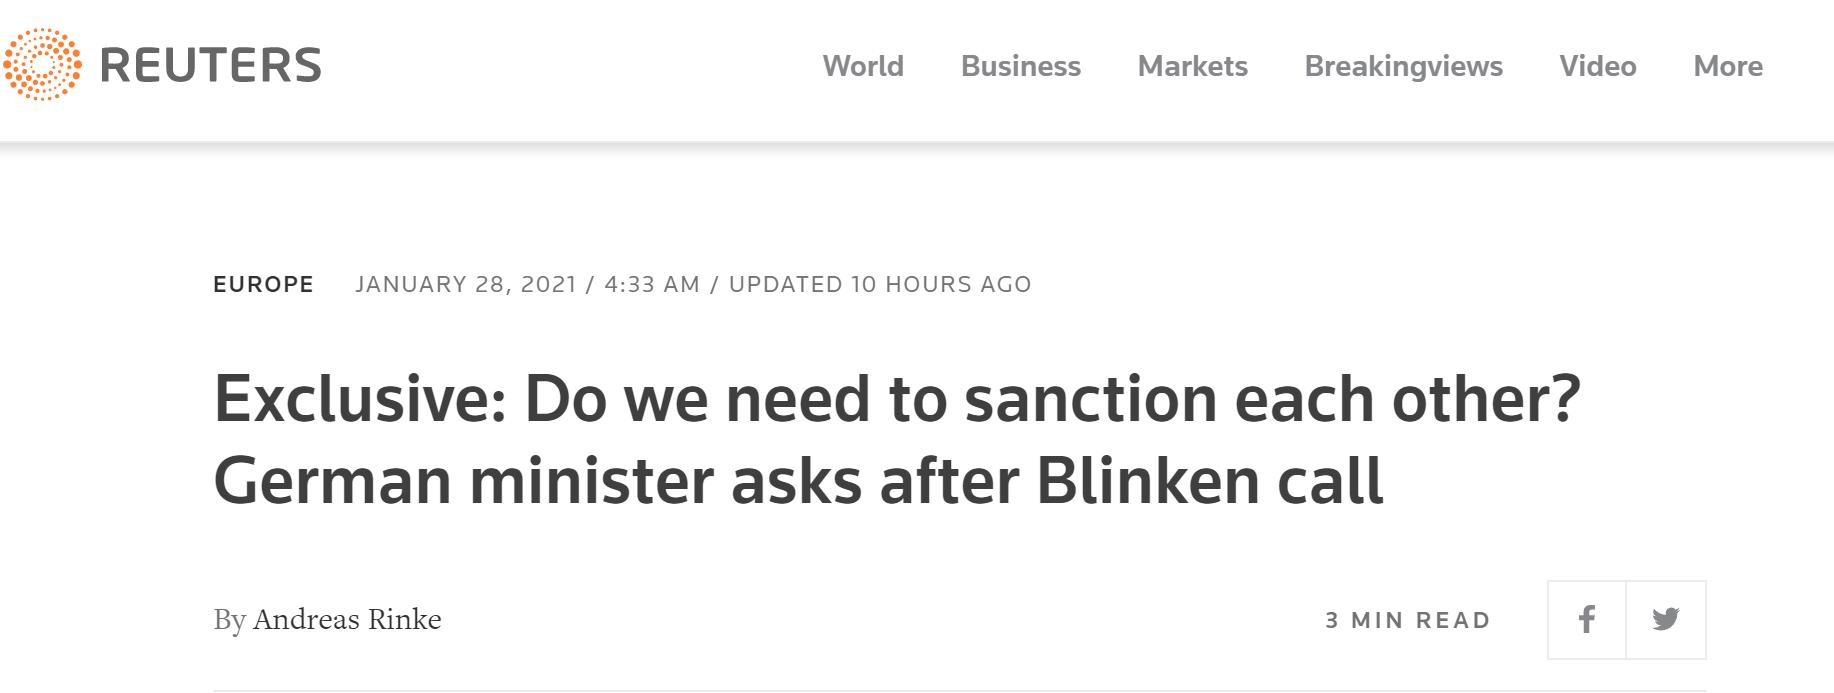 """路透社报道截图:德国外长在与布林肯通话后发出质疑,""""我们需要彼此制裁吗?"""""""